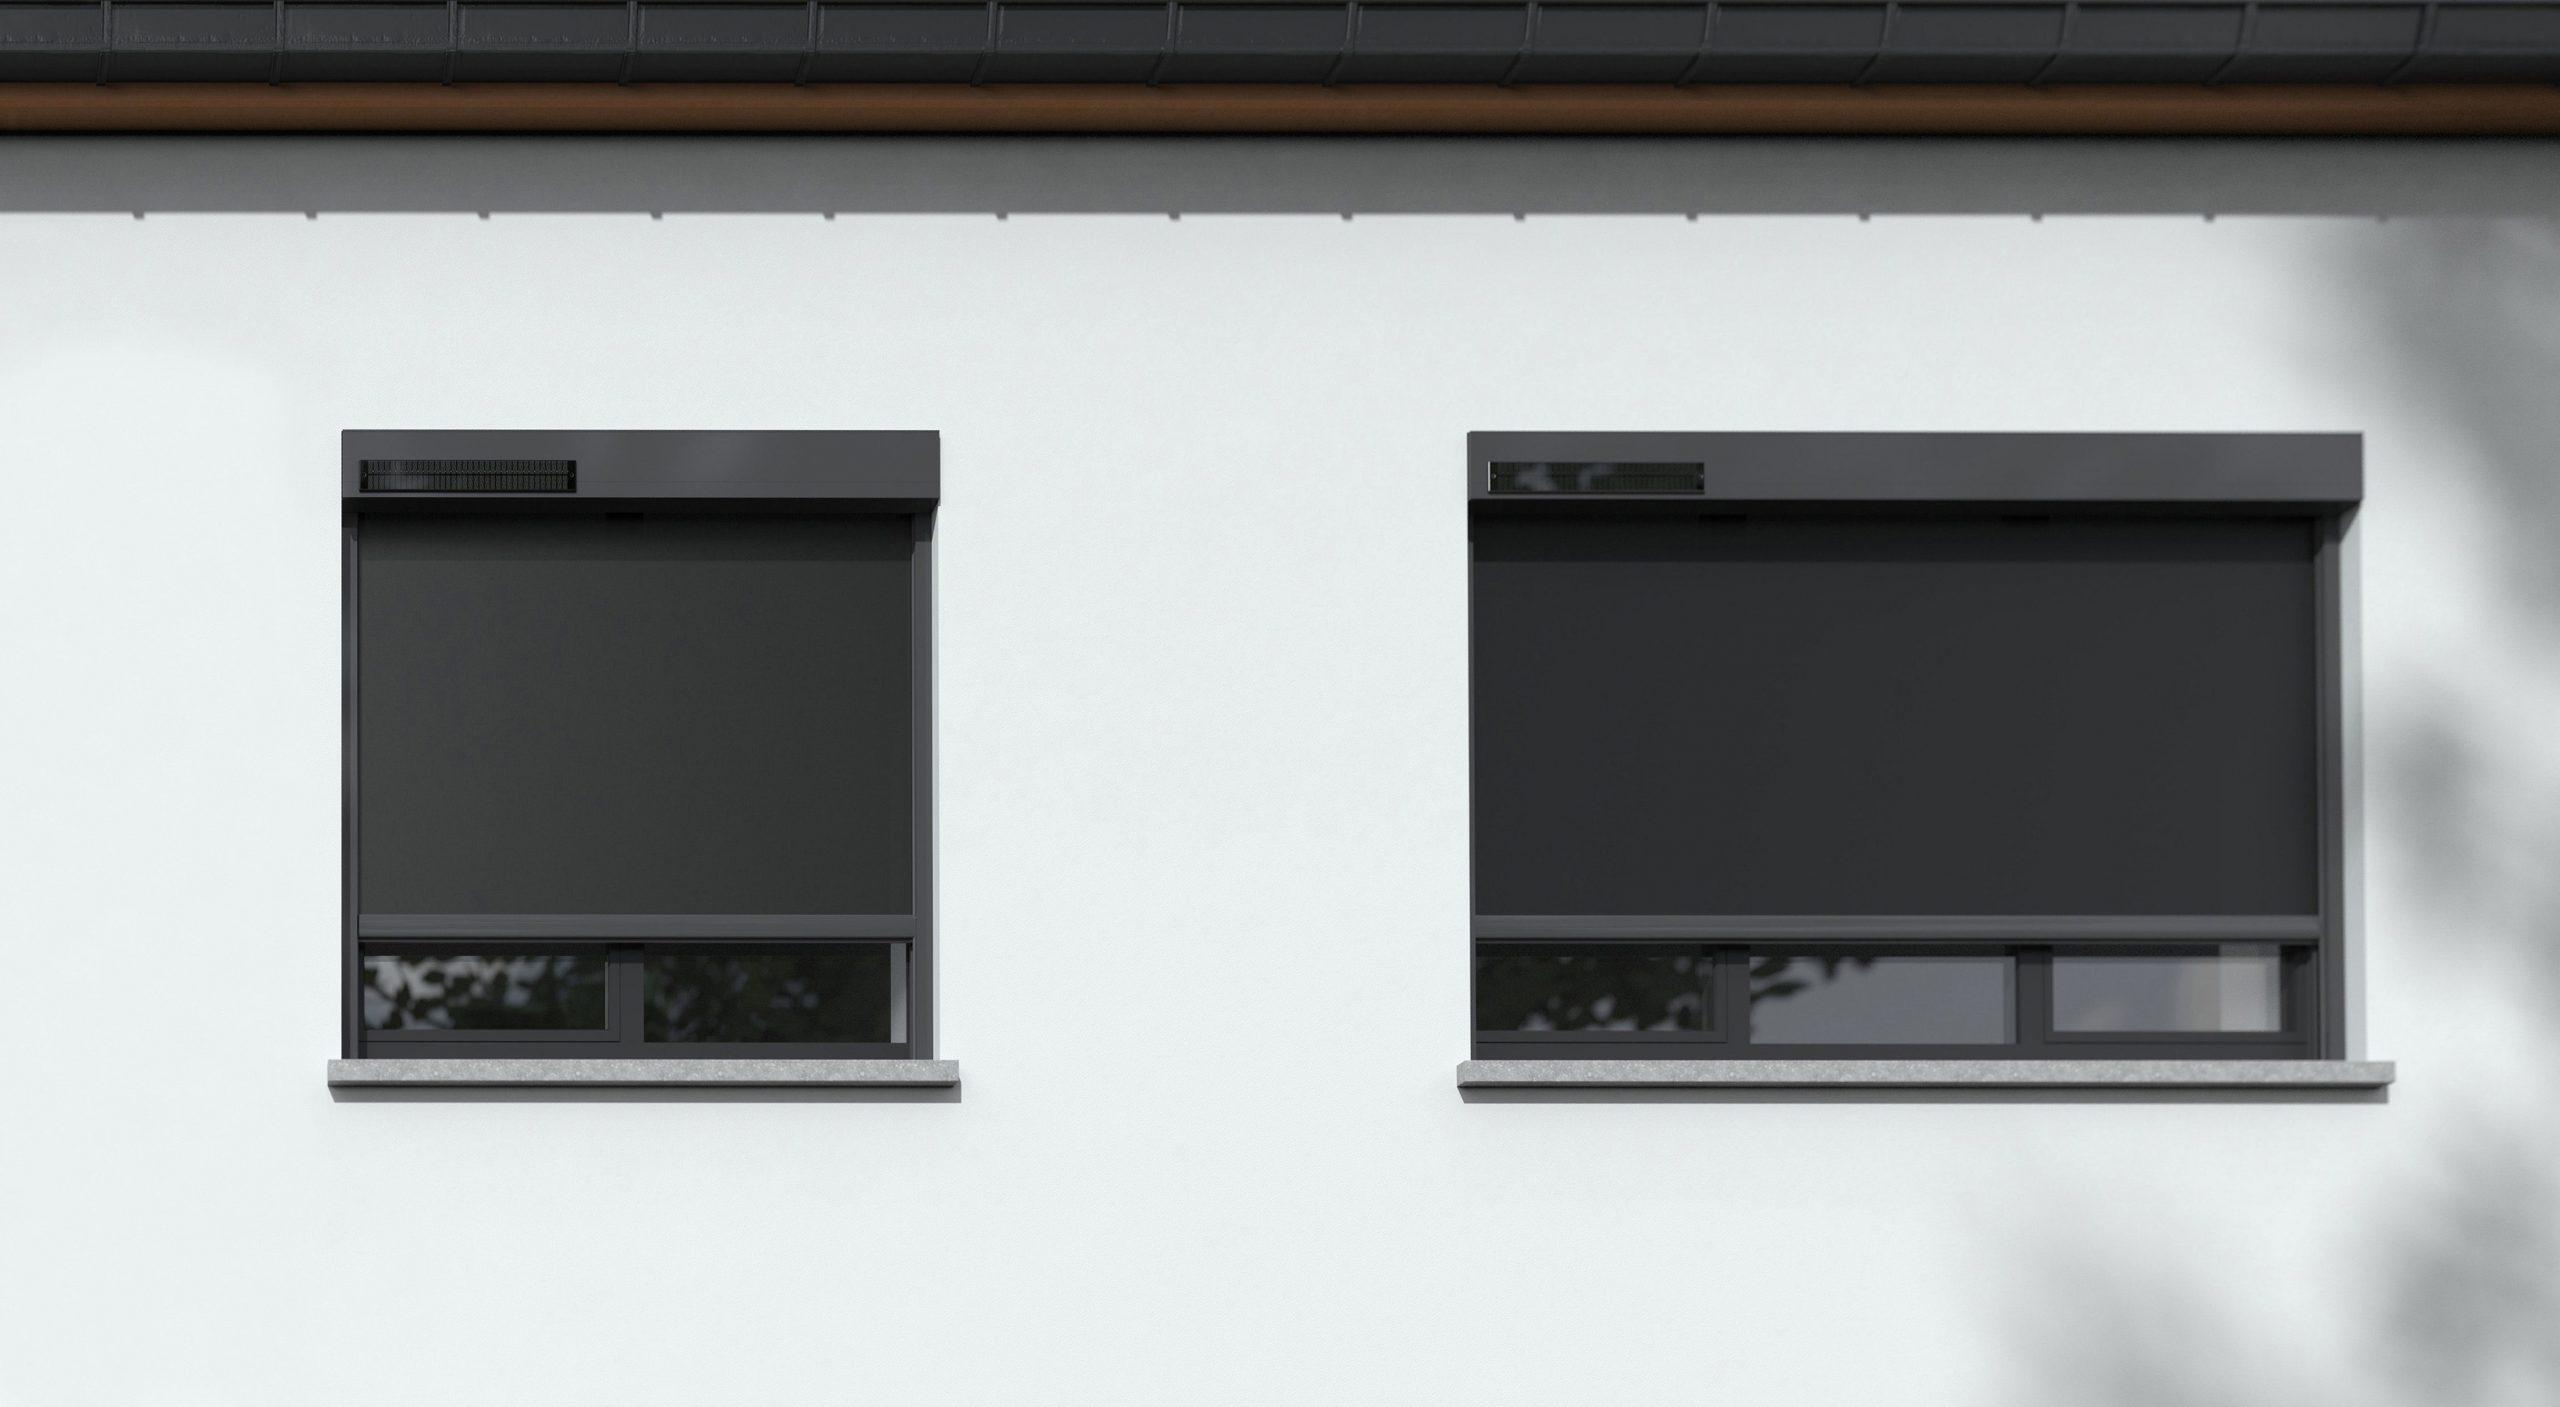 Full Size of Sonnenschutz Fenster Außen Solargetriebener Fixscreen Von Renson Zum Nachrsten Solar Dachschräge Jalousie Innen Marken Für Felux Dänische Fenster Sonnenschutz Fenster Außen